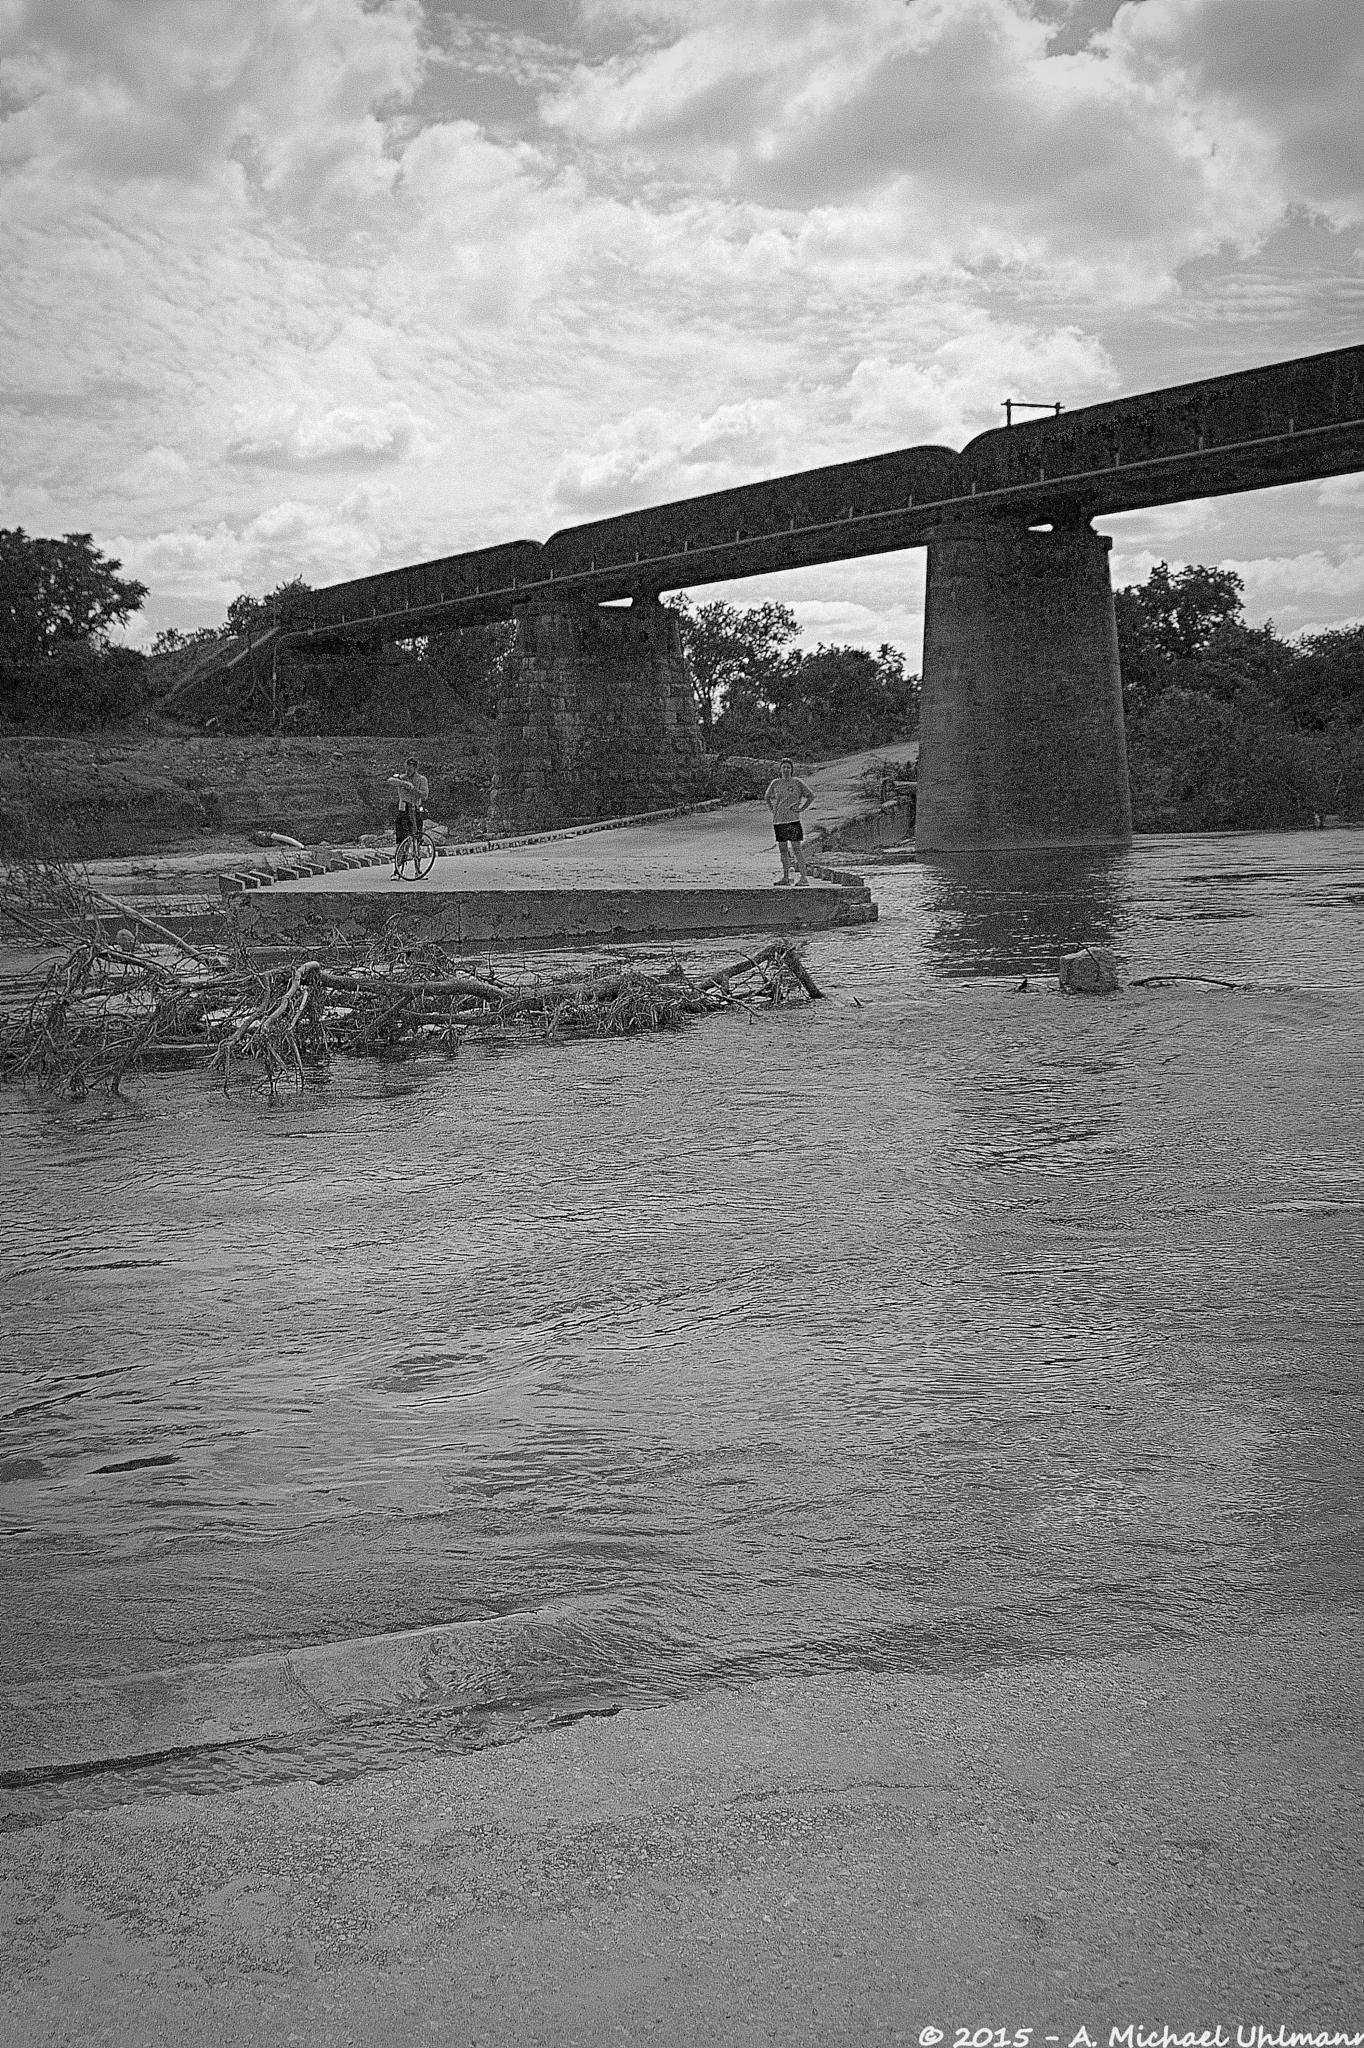 Texas Flood 4 by A. Michael Uhlmann